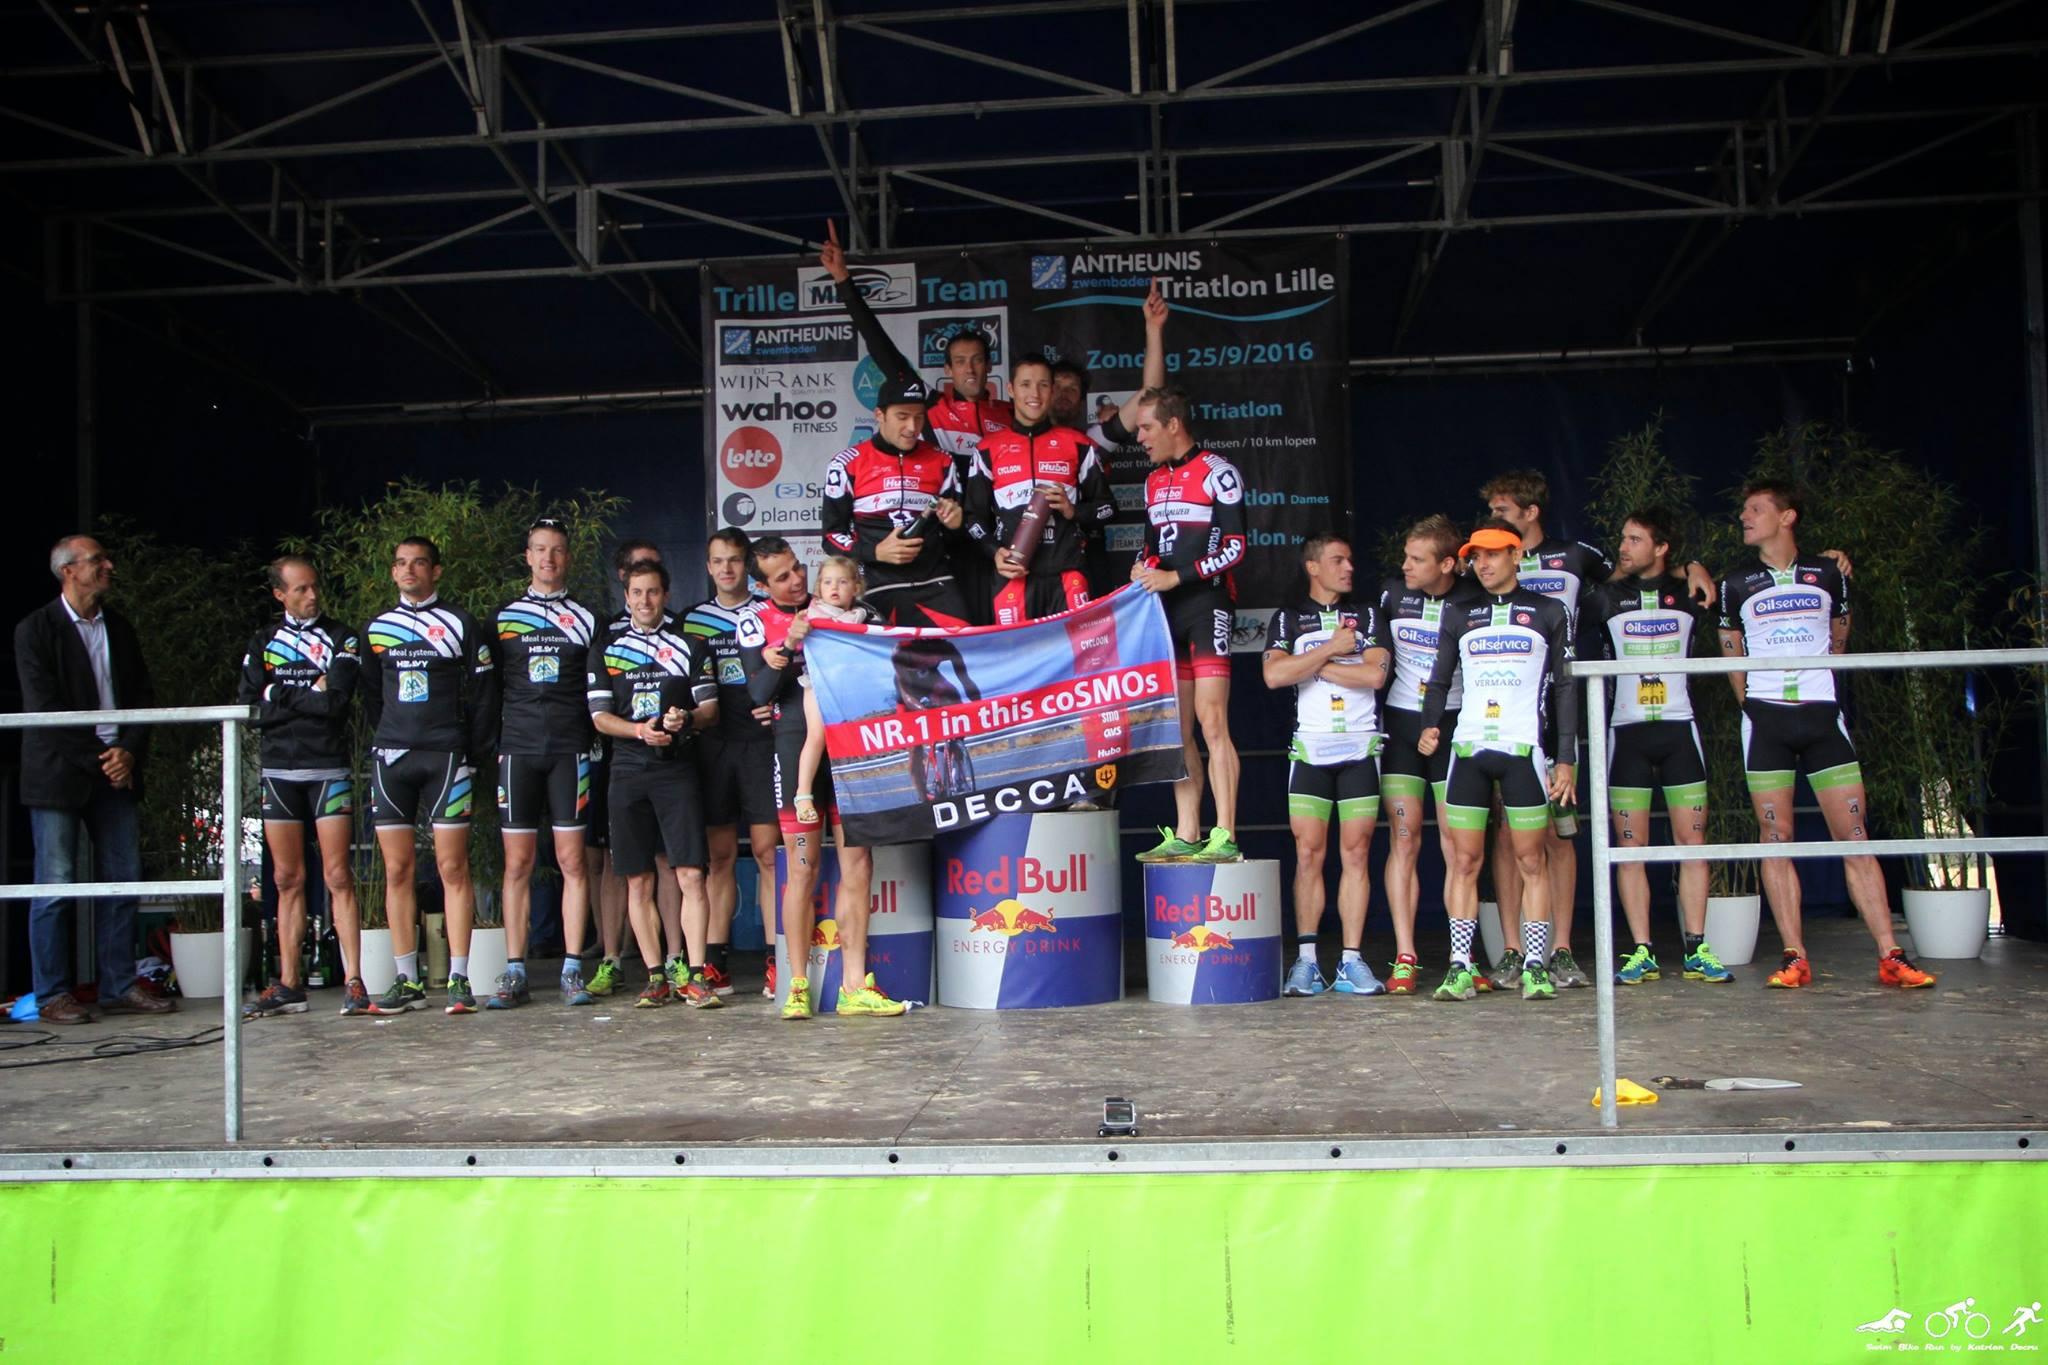 Het podium van de T3 2016 na Lille (foto: Katrien Decru)